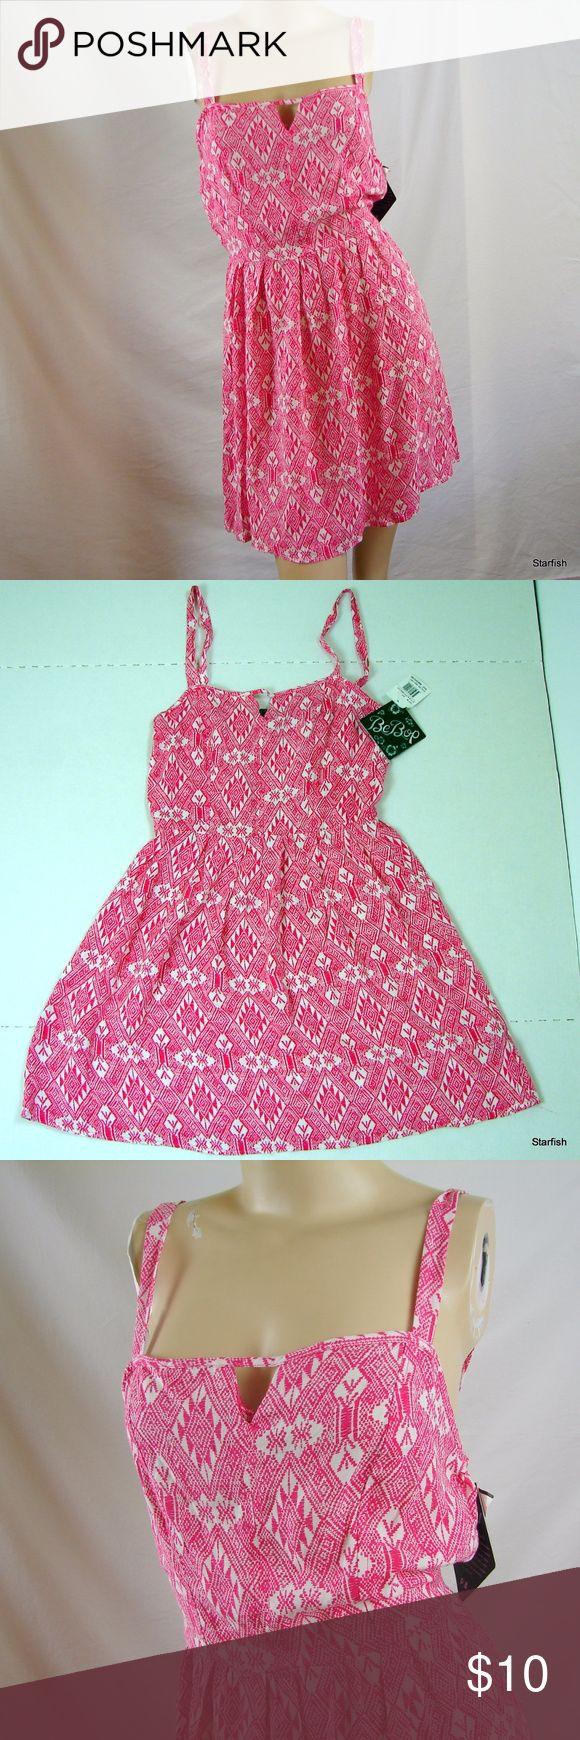 BeBop pink sundress NWT stunning Be Bop pink sundress NWT,   Waist 24-26 Chest 32-34 BeBop Dresses